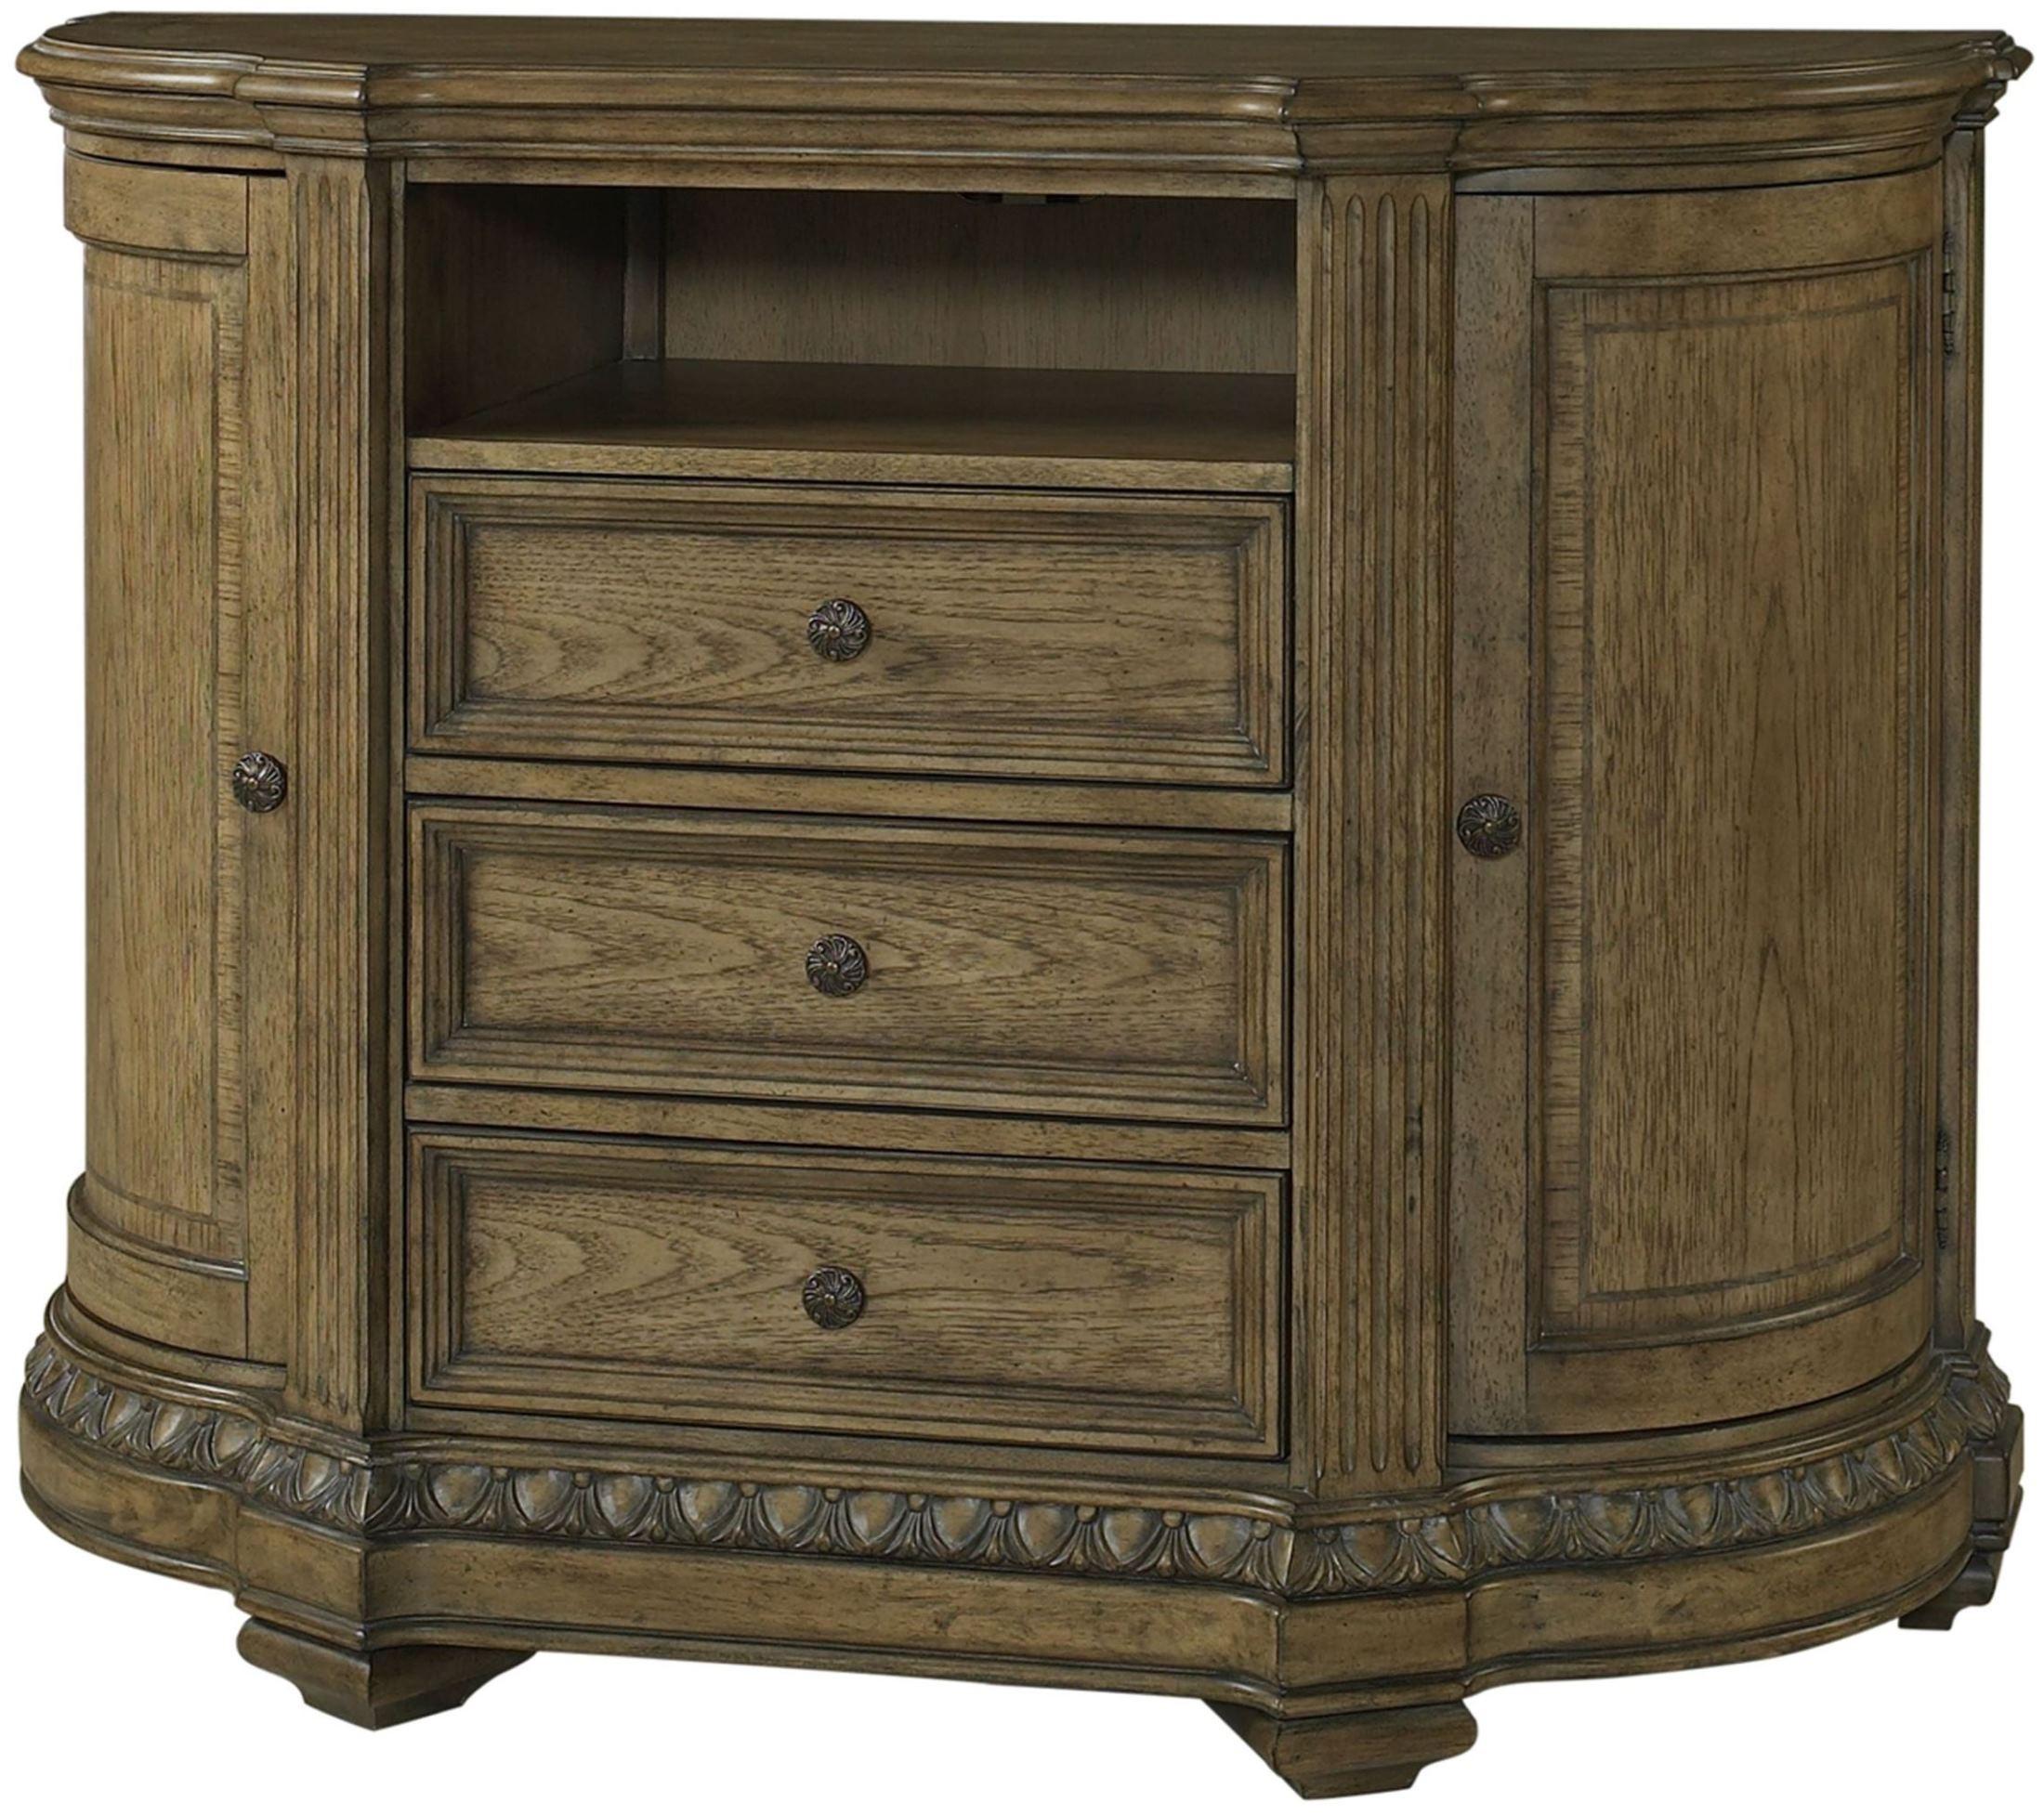 Touraine French Glazed Pecan Panel Bedroom Set S7154 13 14 08 Fairmont Designs